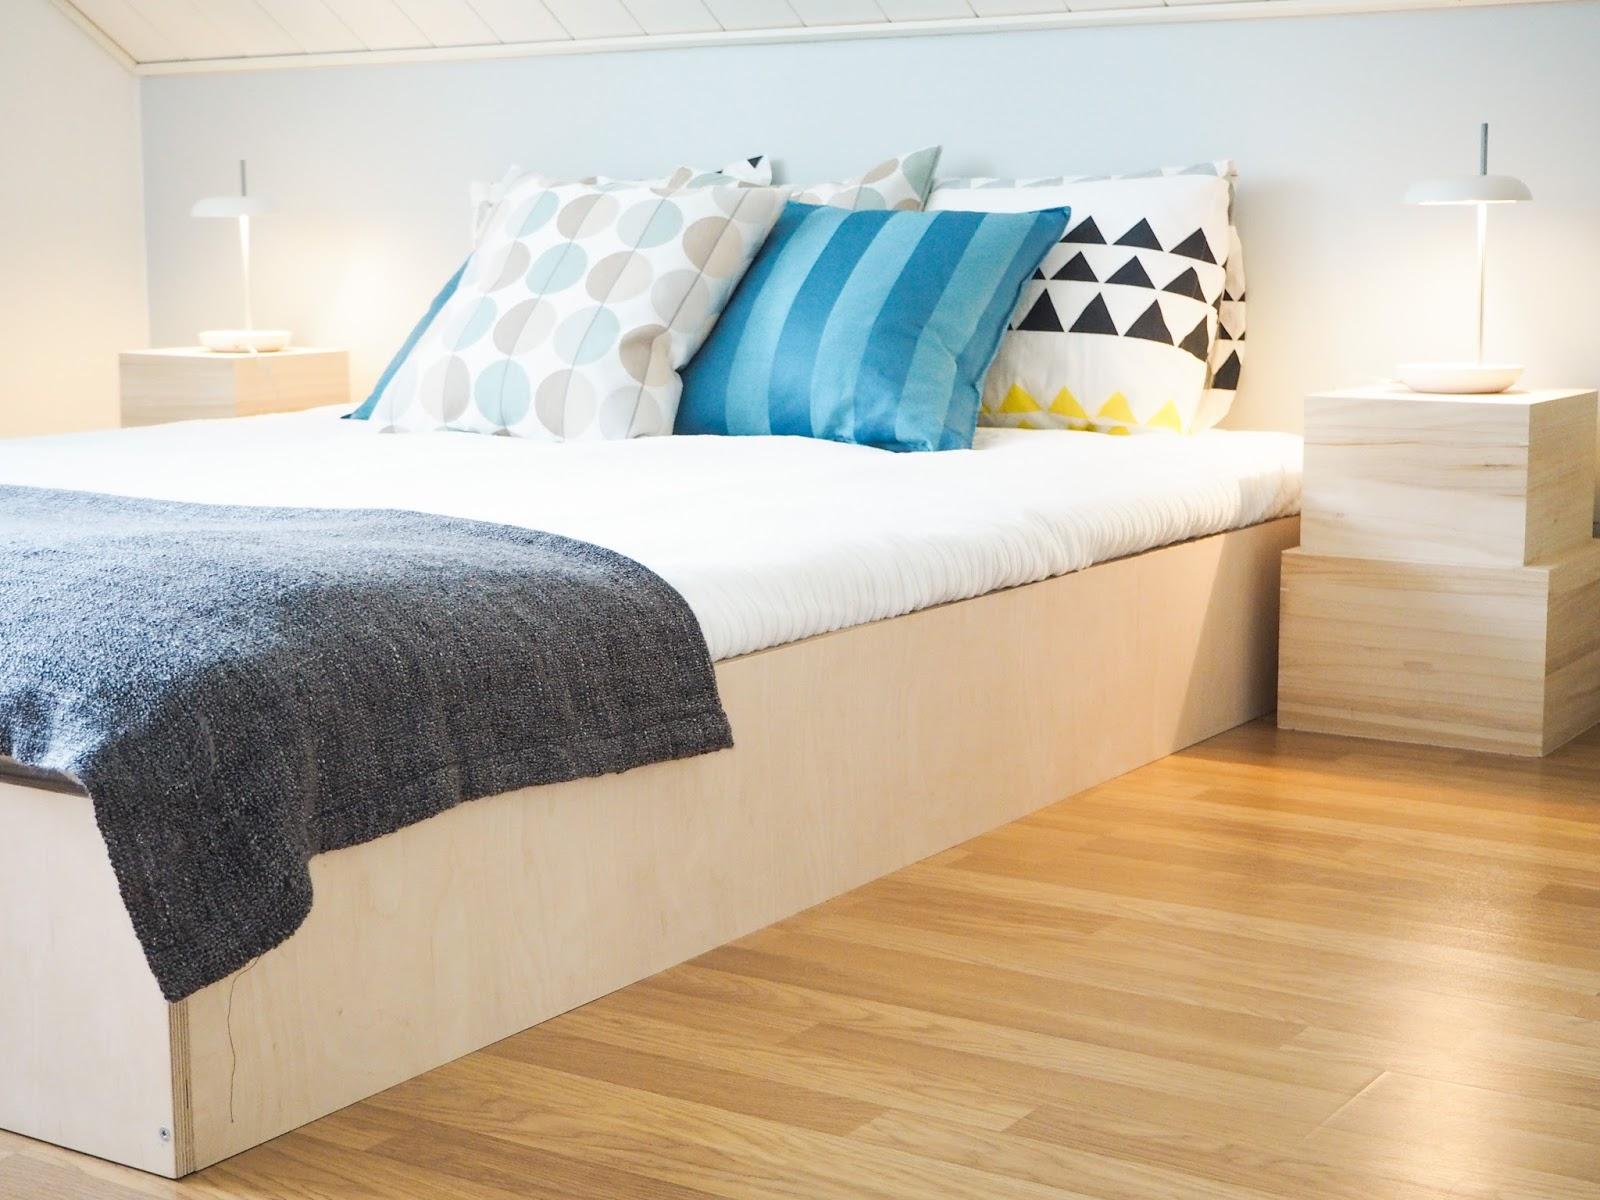 Saippuakuplia olohuoneessa -blogi, kuva Hanna Poikkilehto, vanerisänky, makuuhuone, koti, sisustus, sisustus vinkit, sisustus pienellä budjetilla, diy,